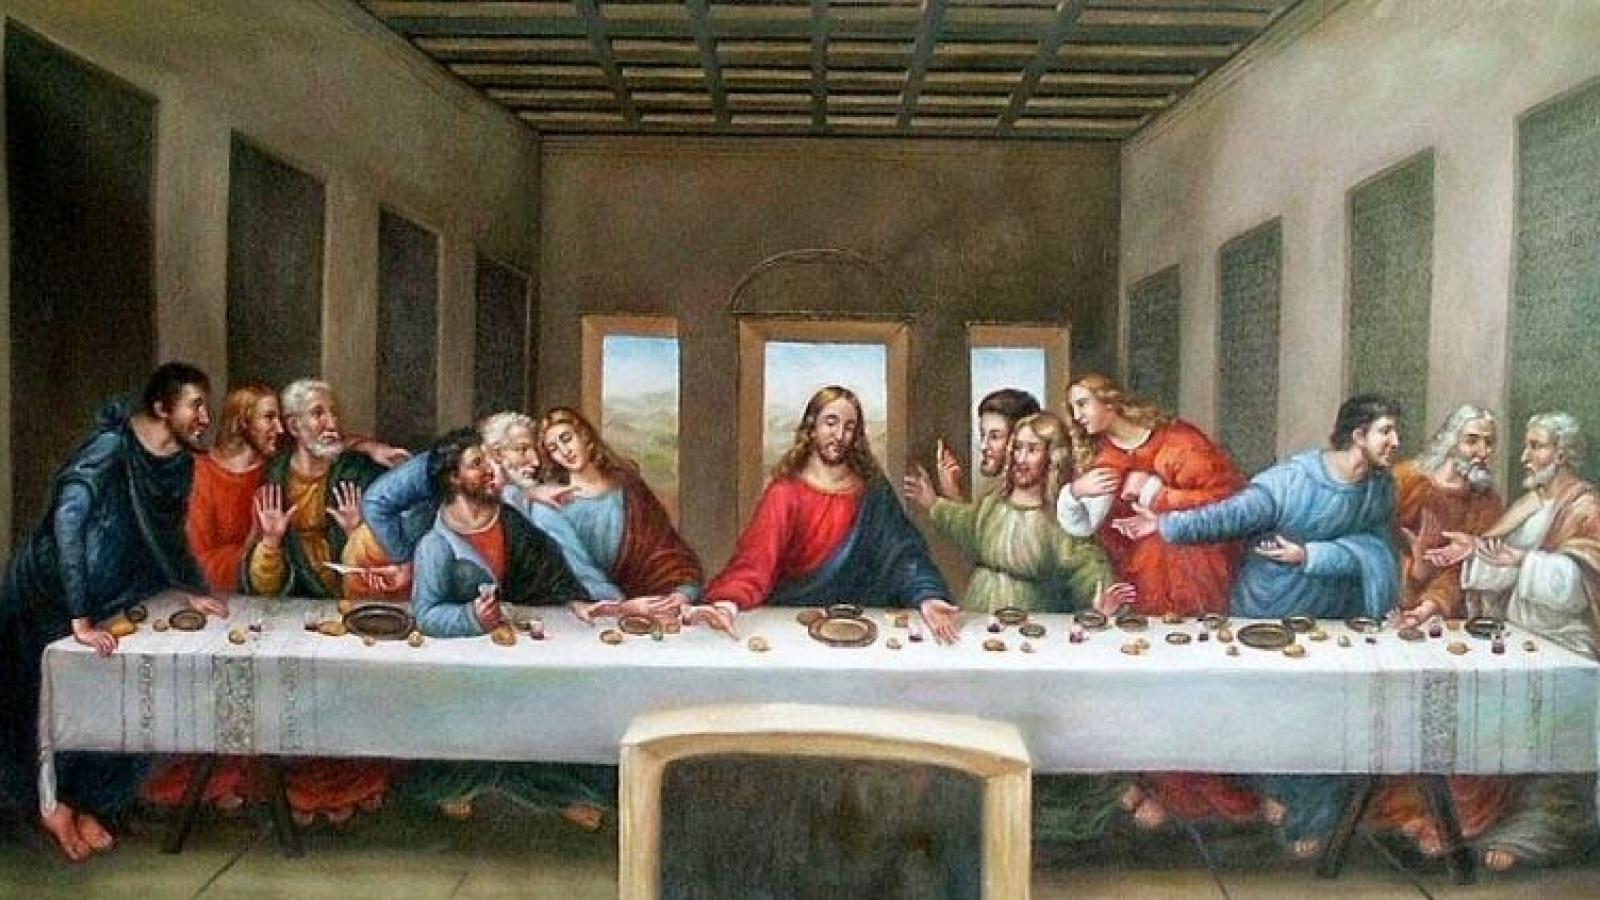 Chiêm ngưỡng loạt tác phẩm hội họa kinh điển của Léonard de Vinci dưới định dạng Ultra HD